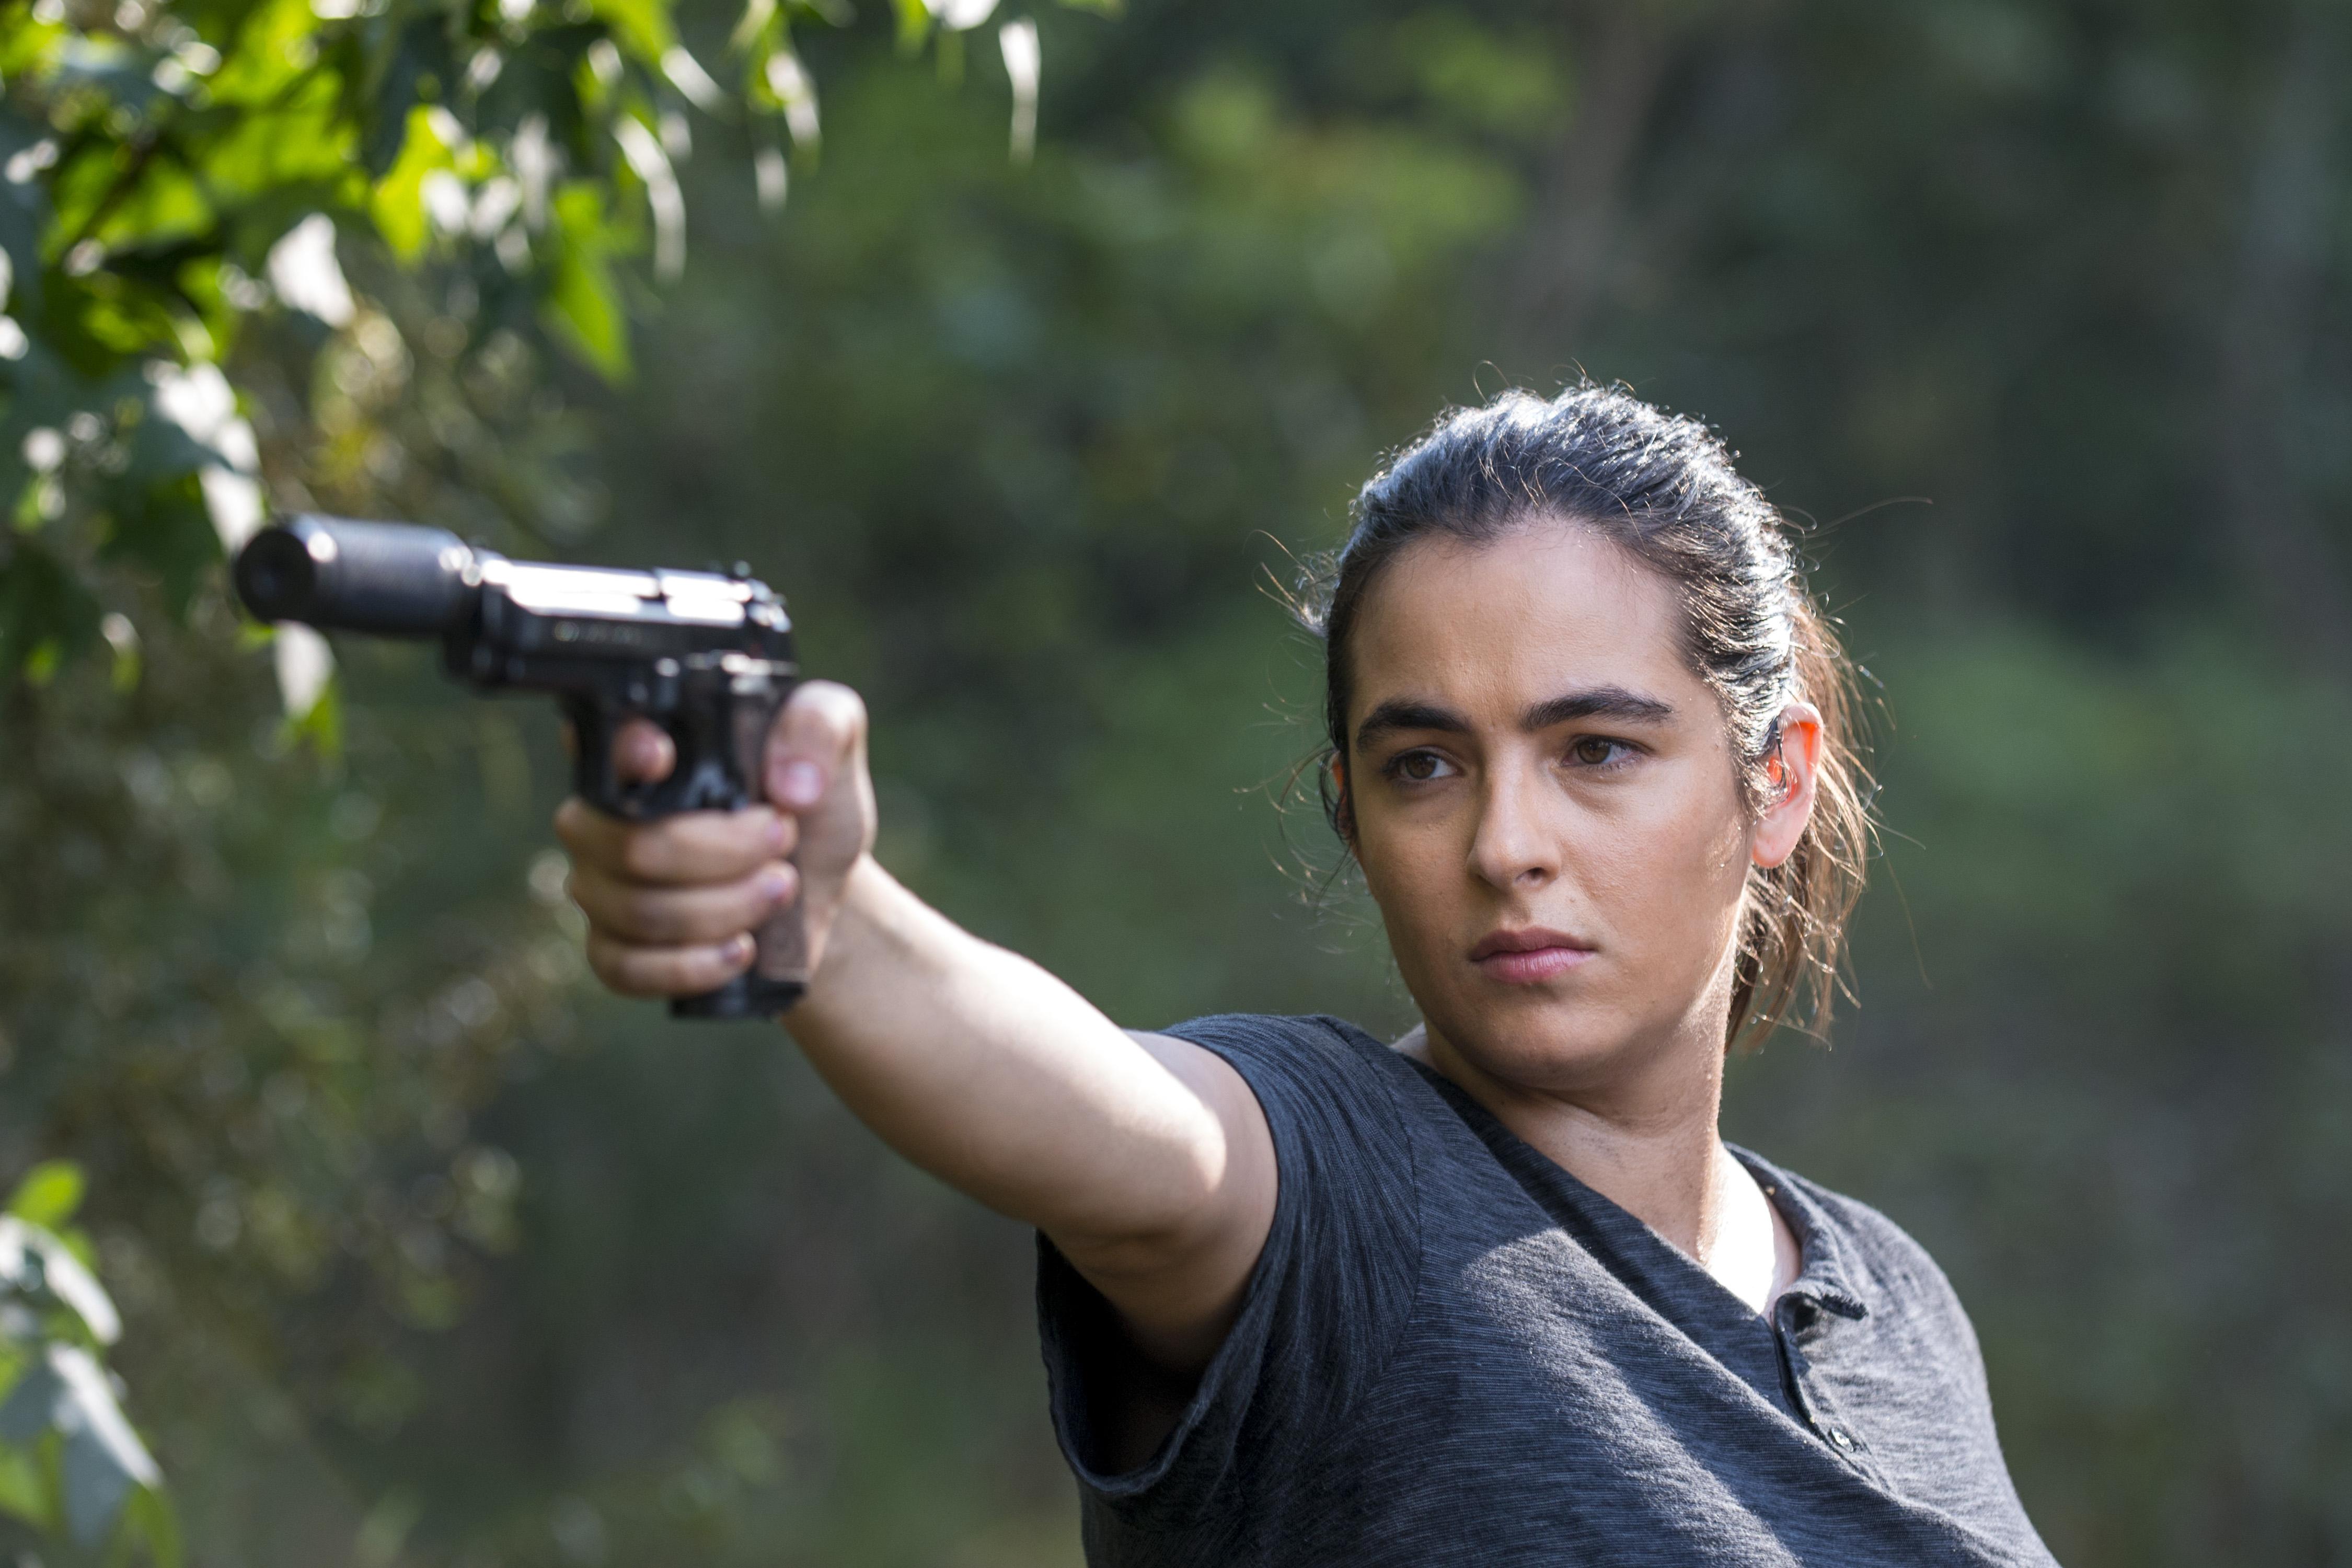 Tara Chambler (Alanna Masterson) s'en prend à Dwight - The Walking Dead - Saison 8, Épisode 11 - Crédit Photo: Gene Page/AMC